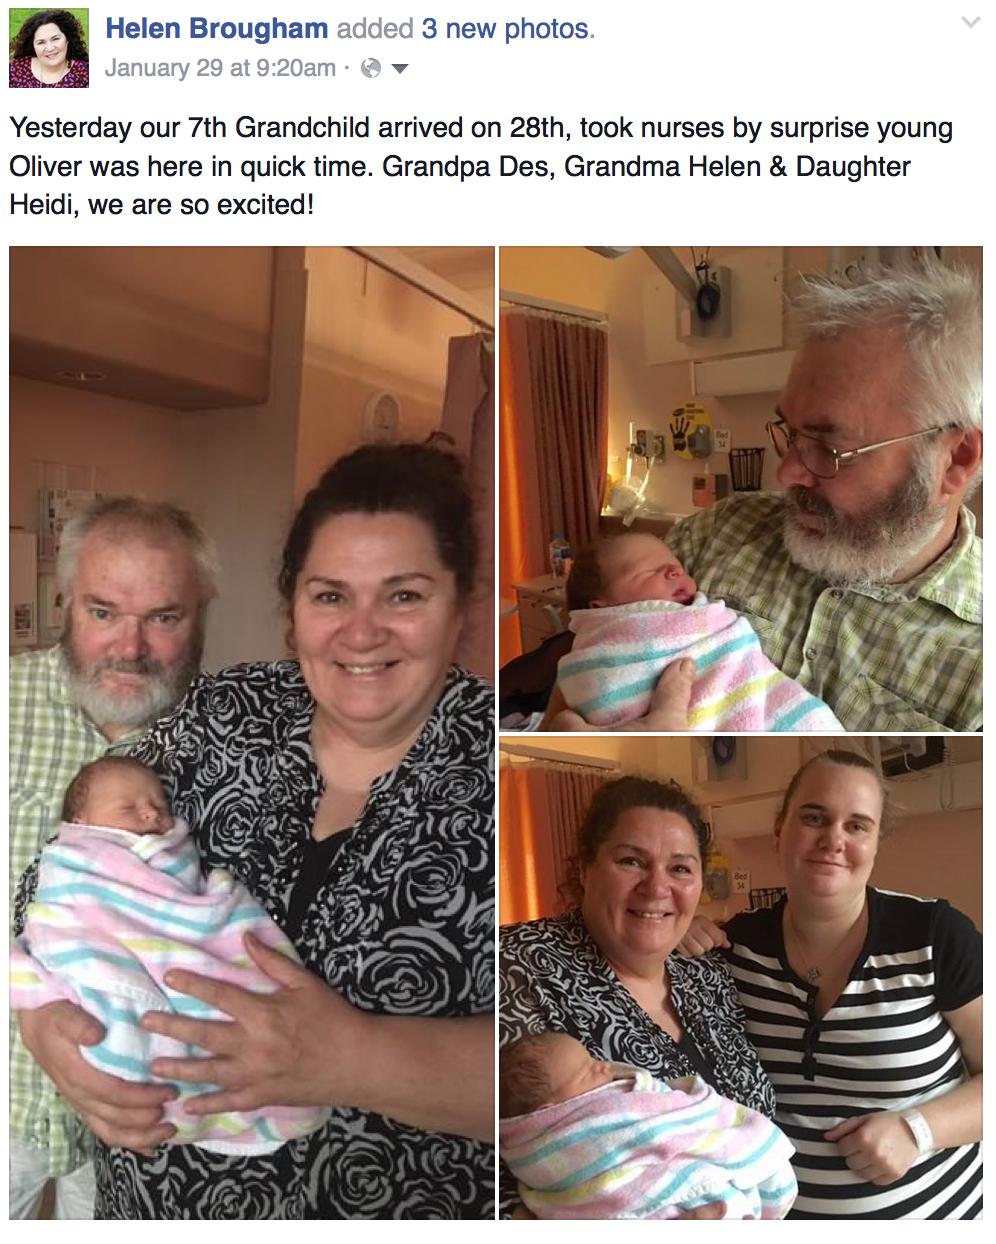 Grandparents Des & Helen with OLIVER